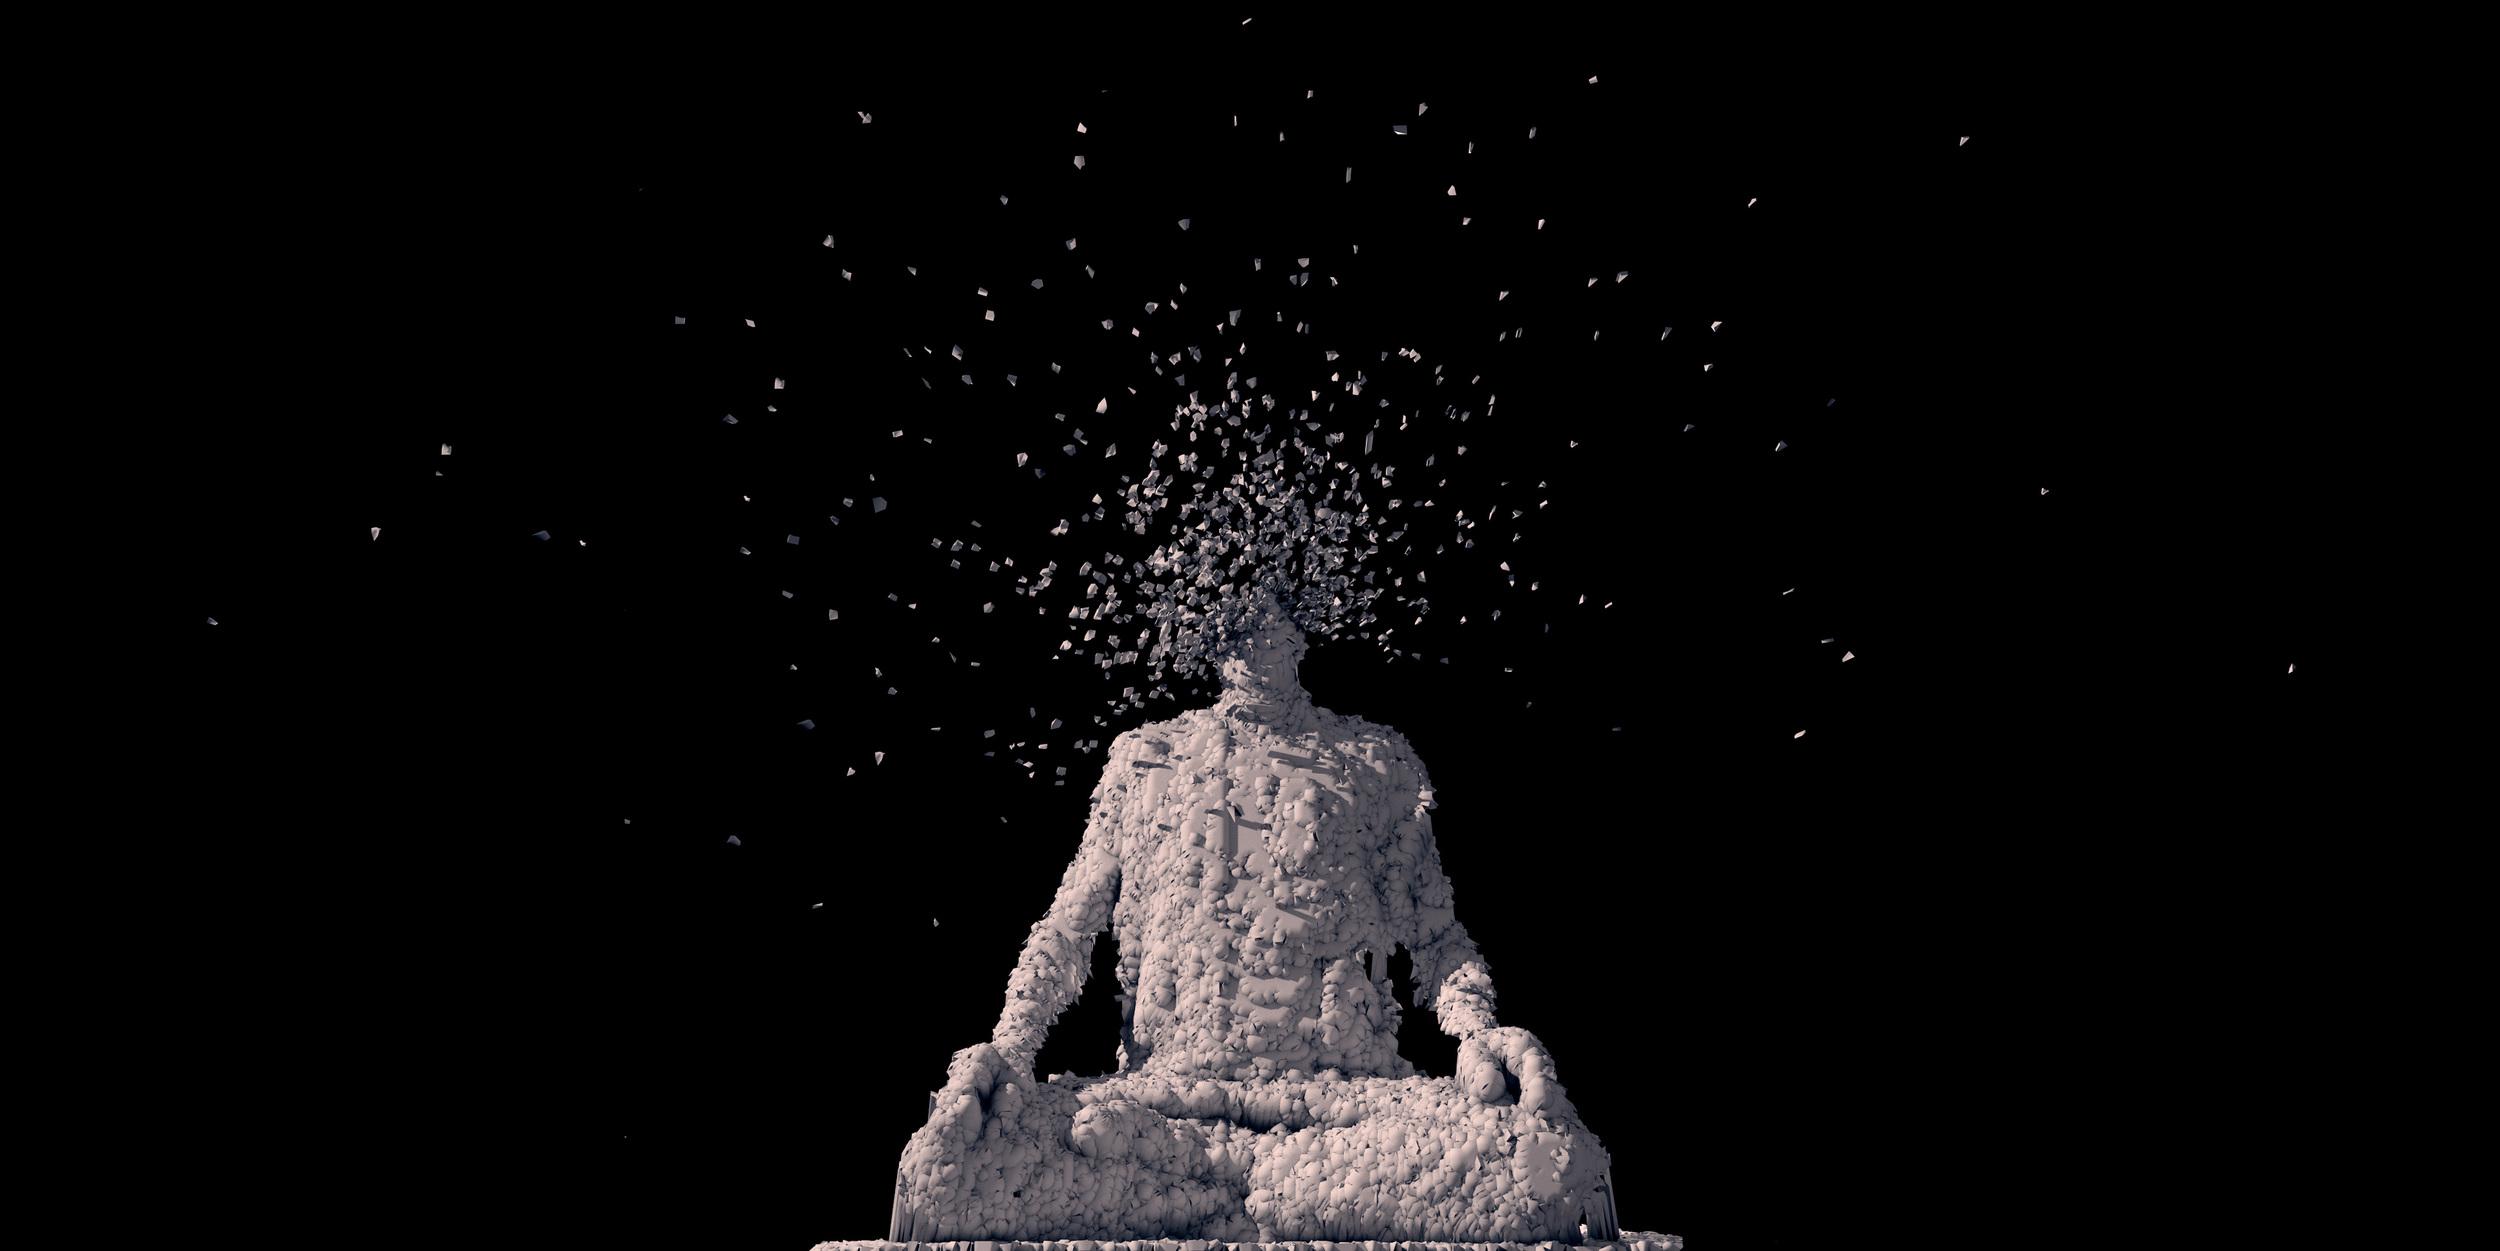 bliss_in_dissolution_wide.jpg